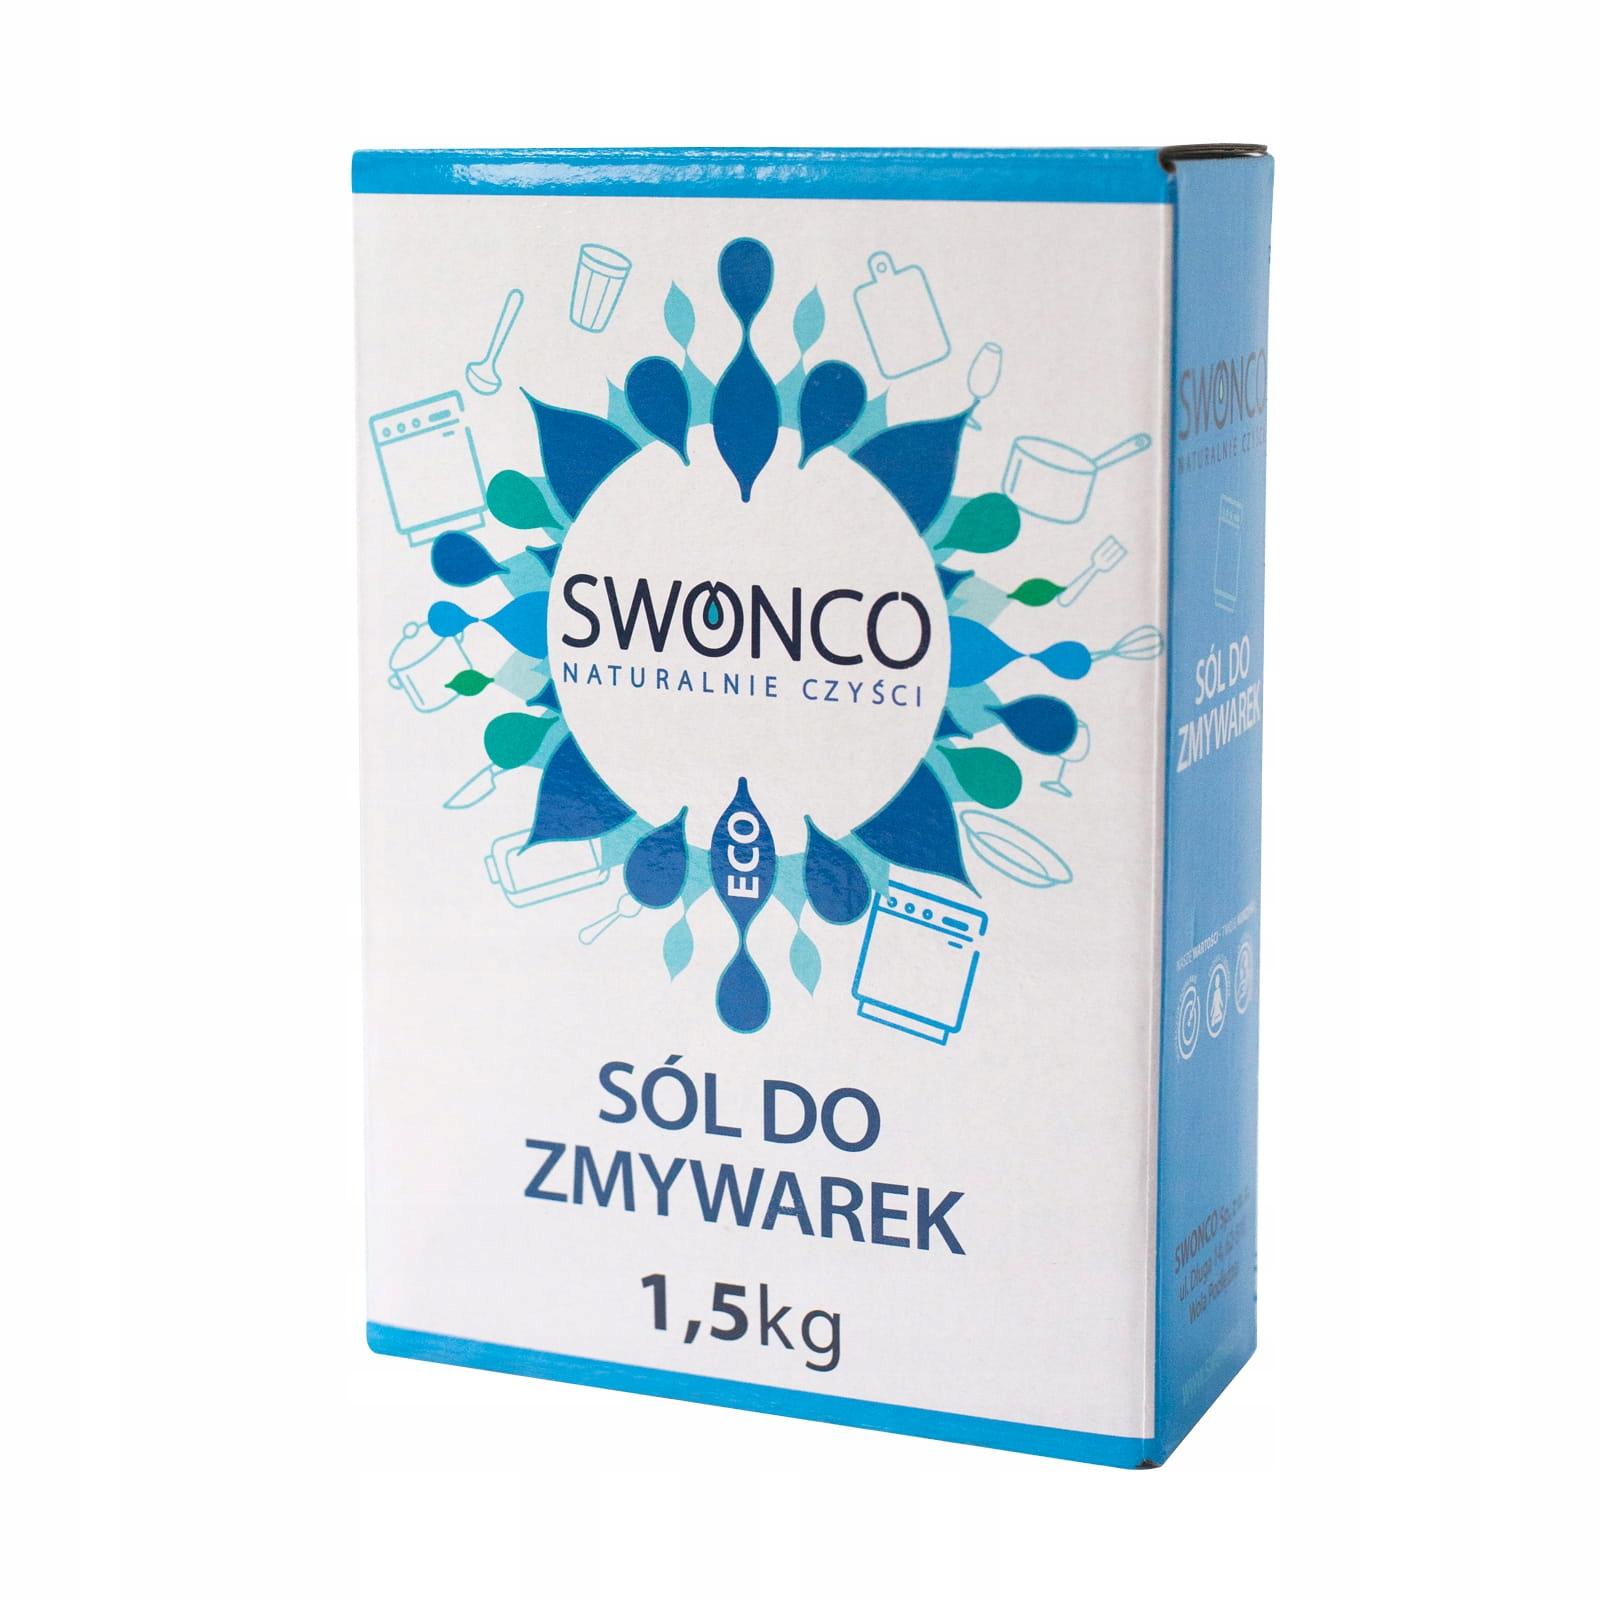 Соль для посудомоечных машин SWONCO